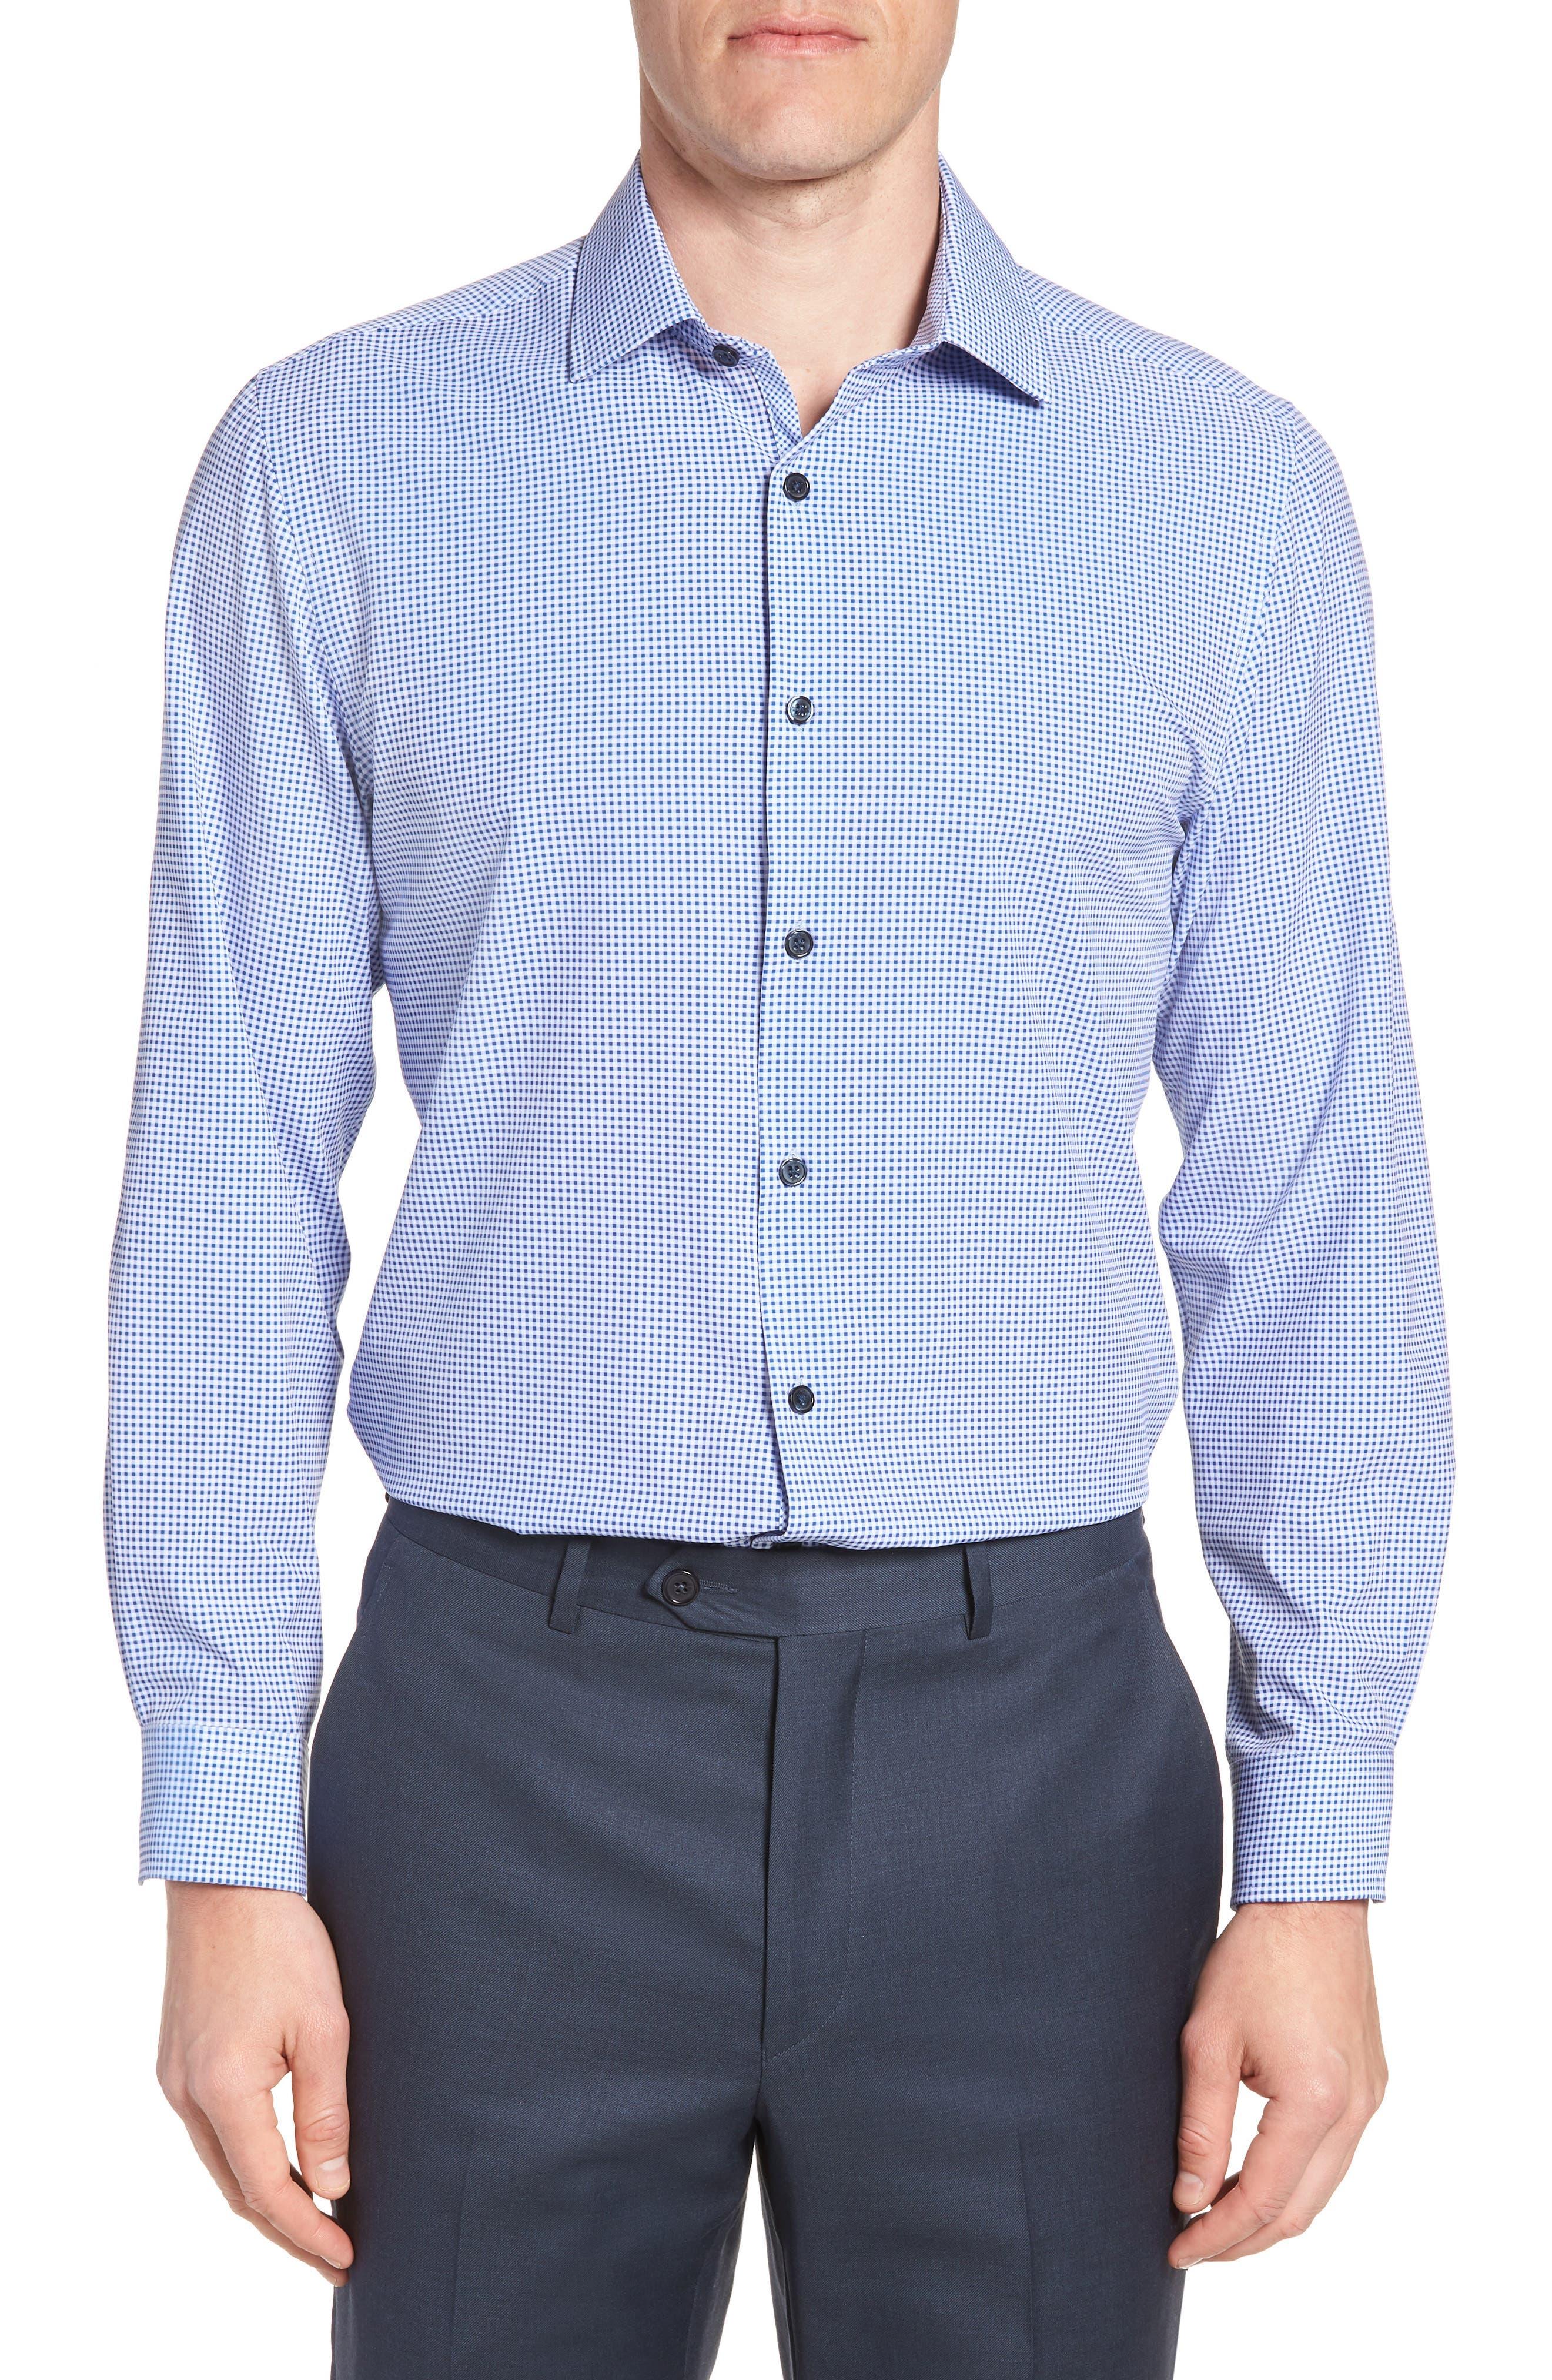 Trim Fit Check 4-Way Stretch Dress Shirt,                         Main,                         color, LILAC